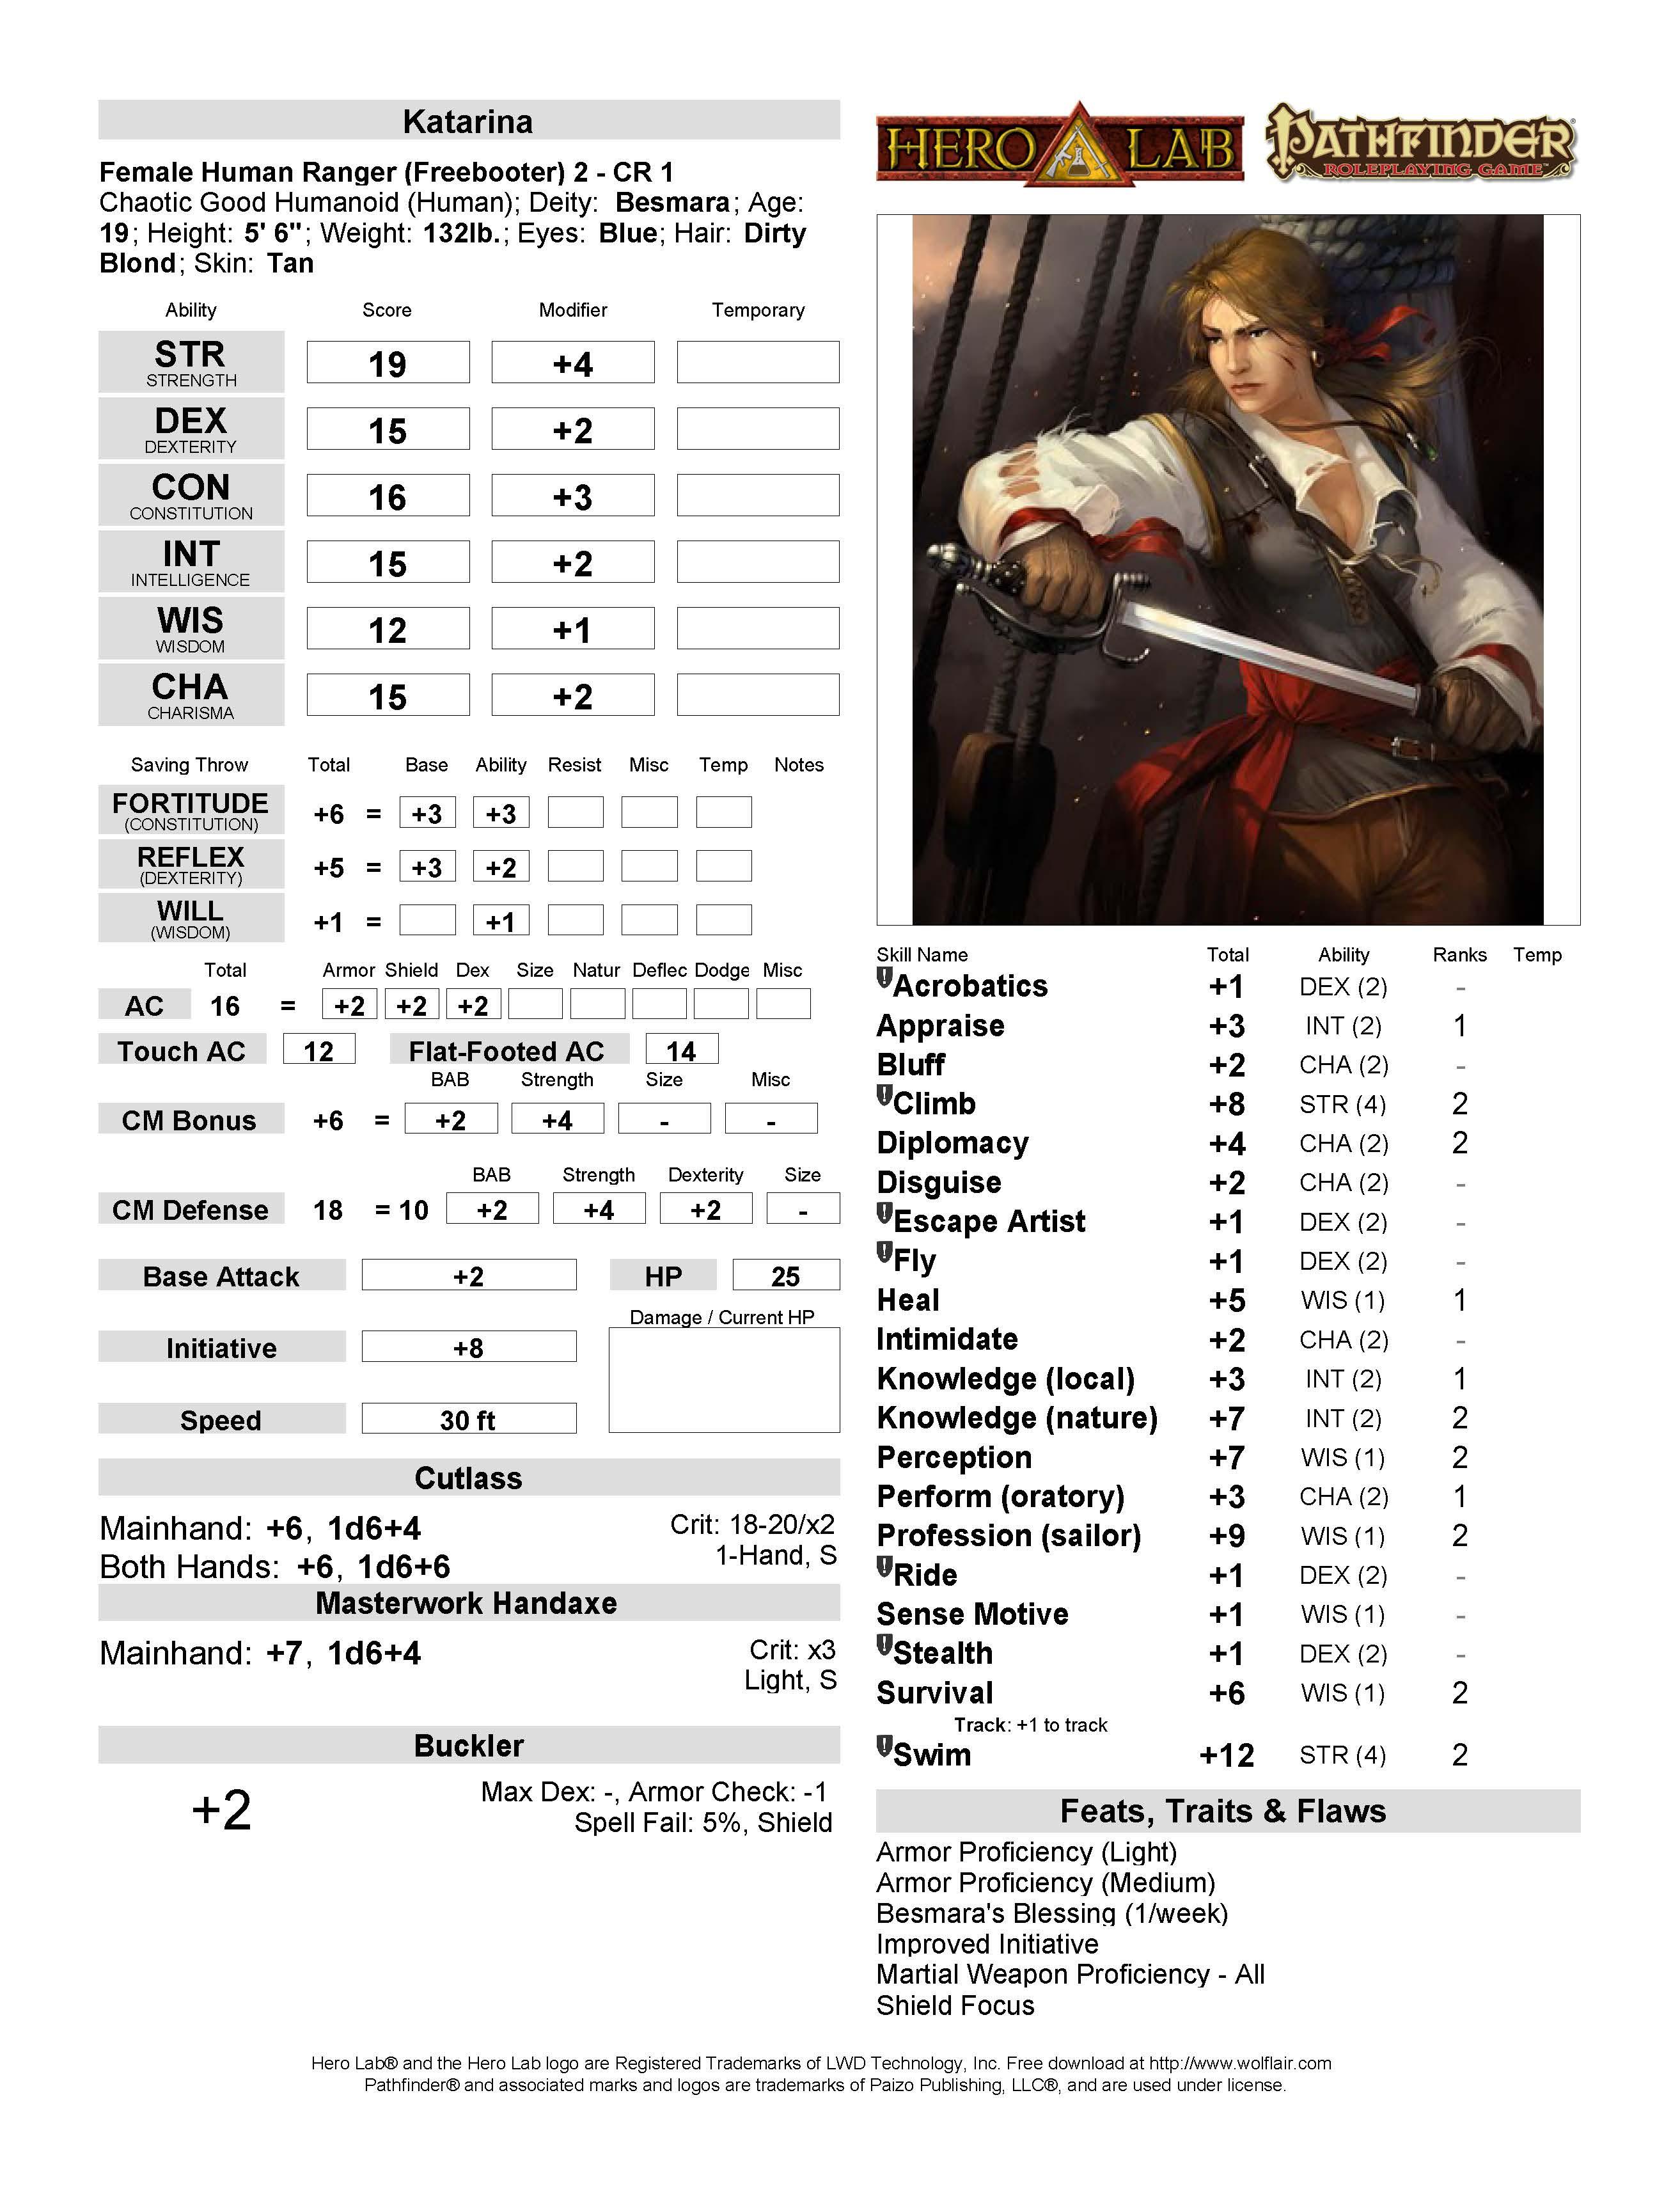 Katarina page 1